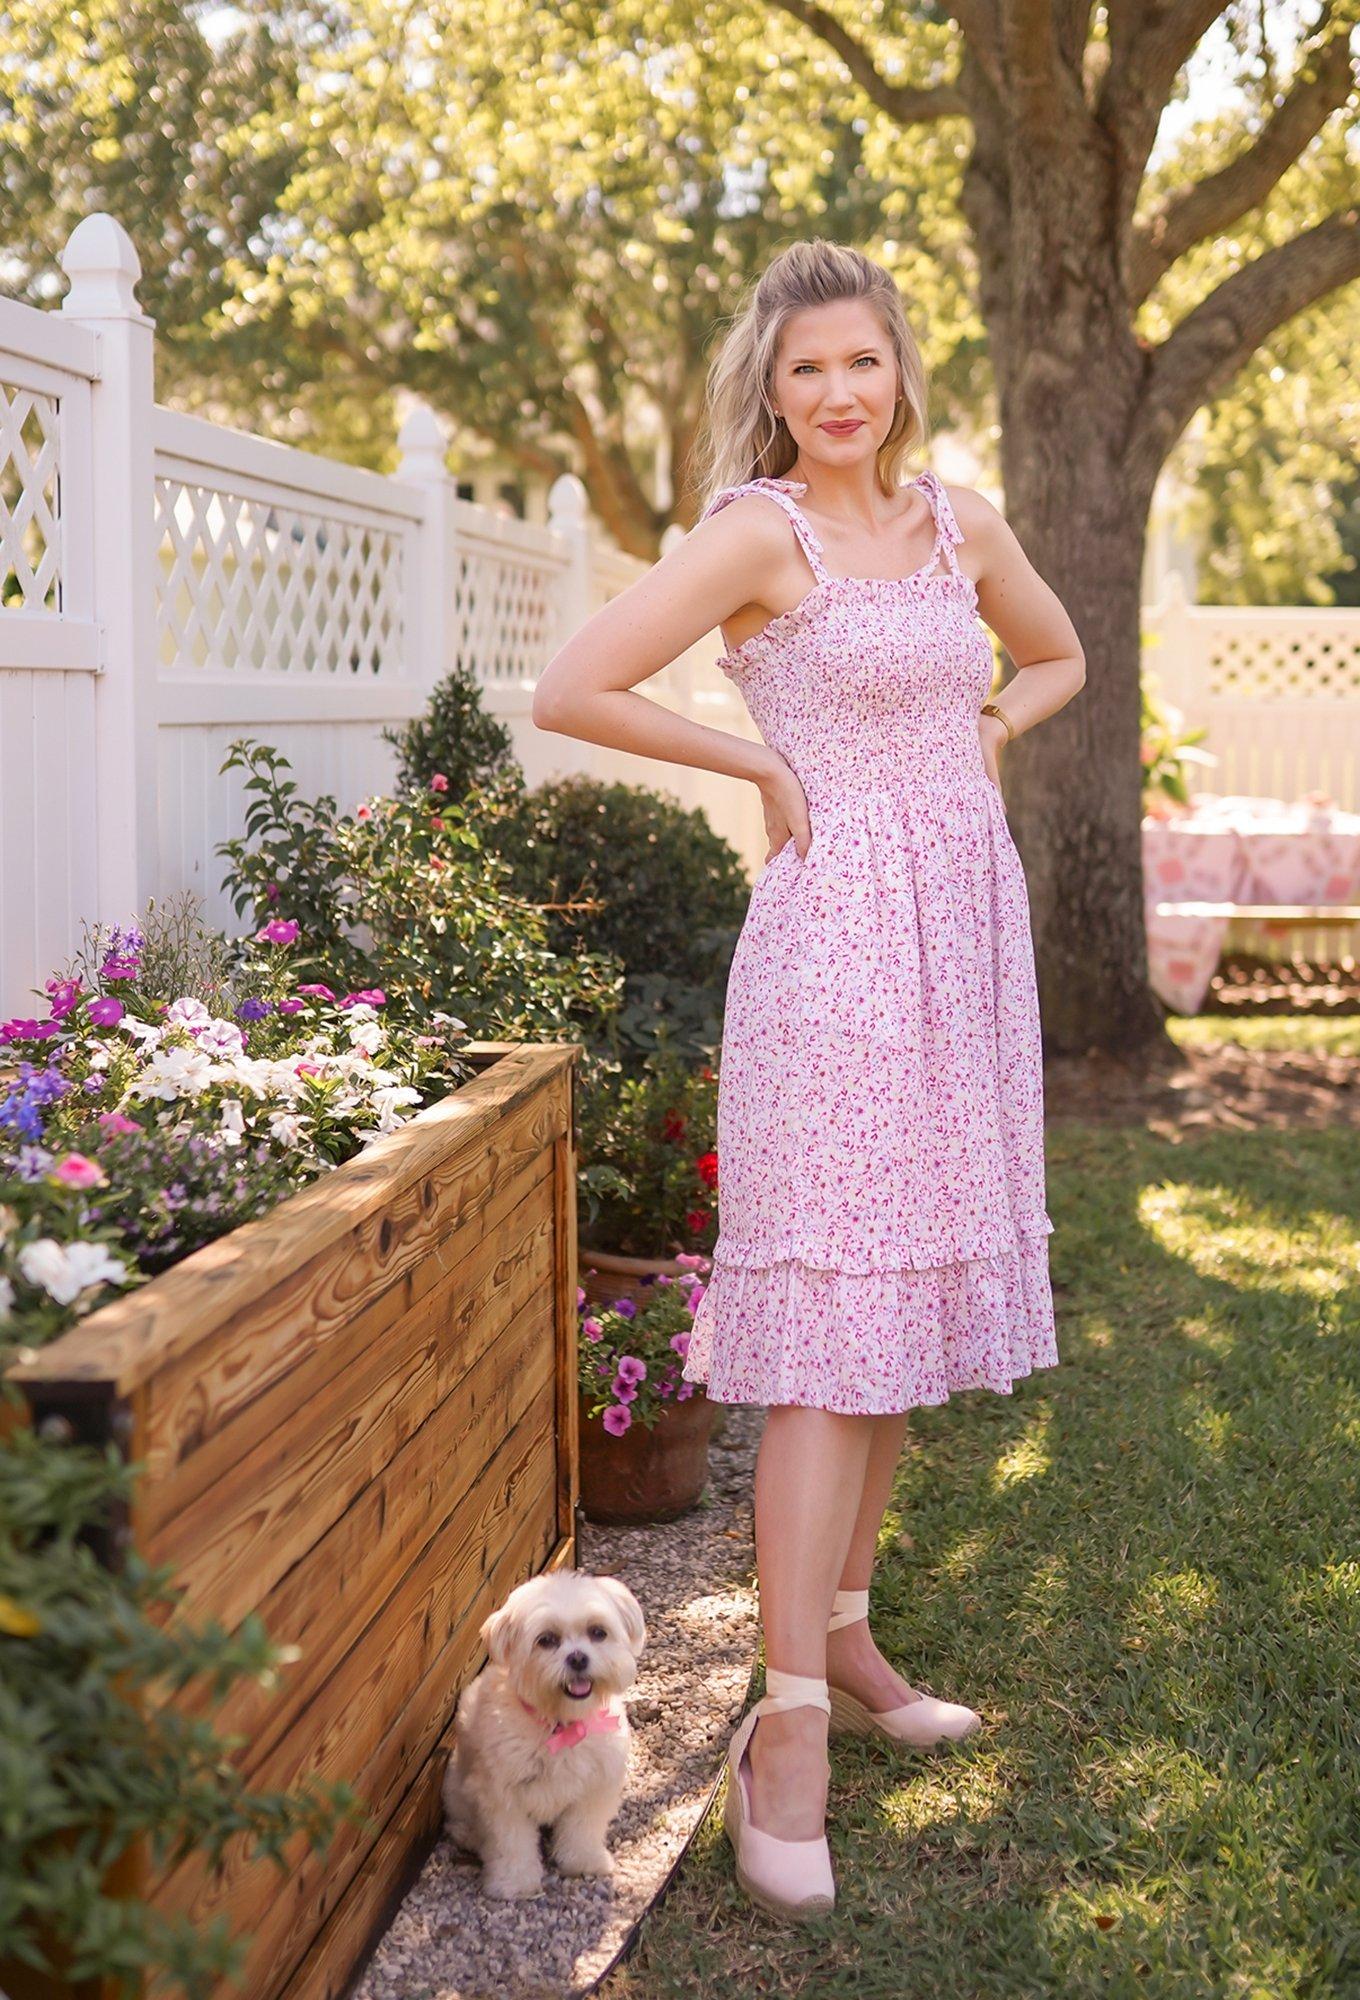 Ashley Brooke - Draper James - Floral Smocked Dress - 5- c